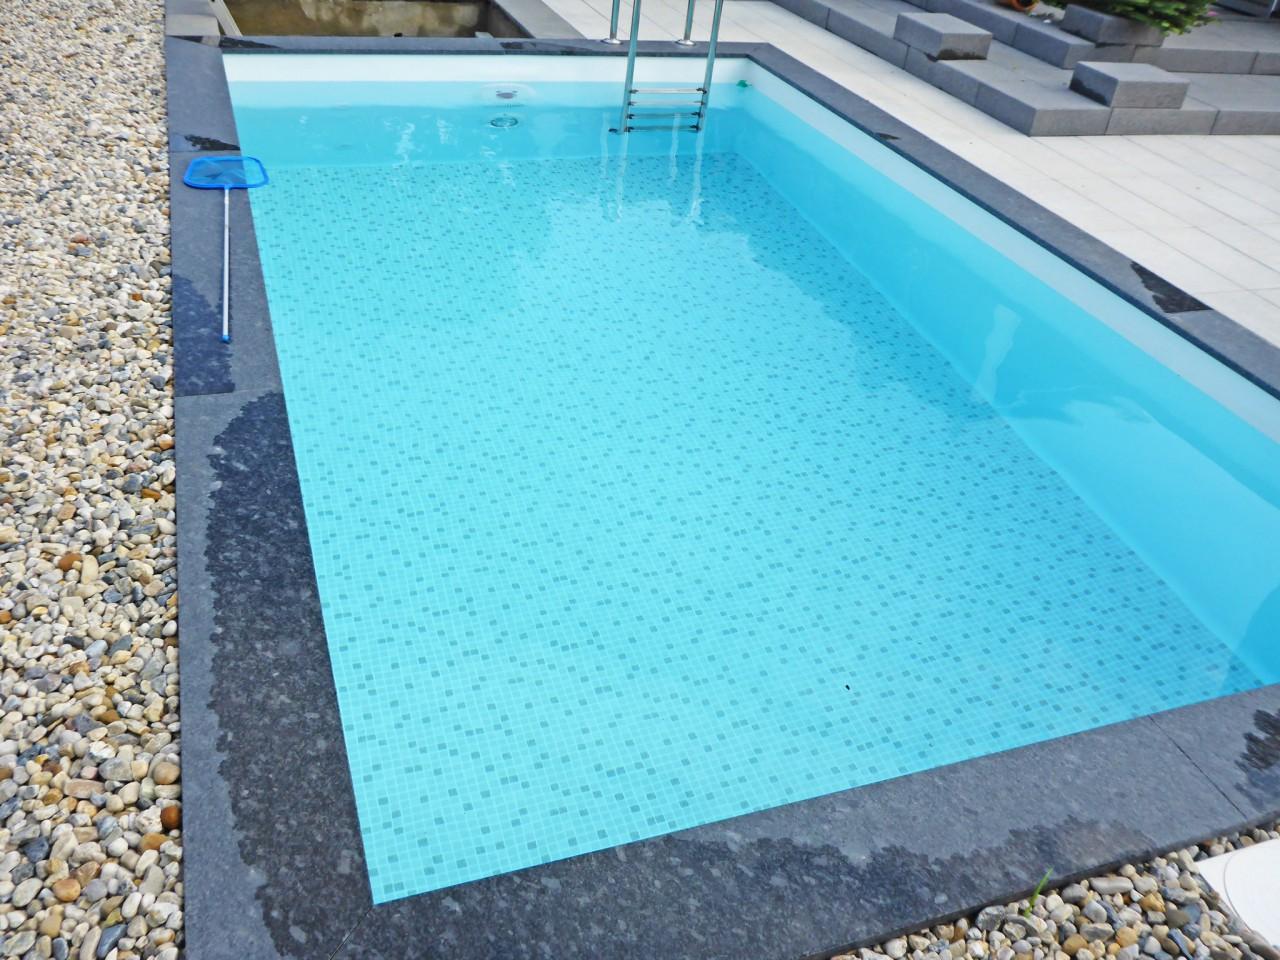 Schwimmbecken 3x5x1 5m Mit Gegenstromanlage Fkb Schwimmbadtechnik